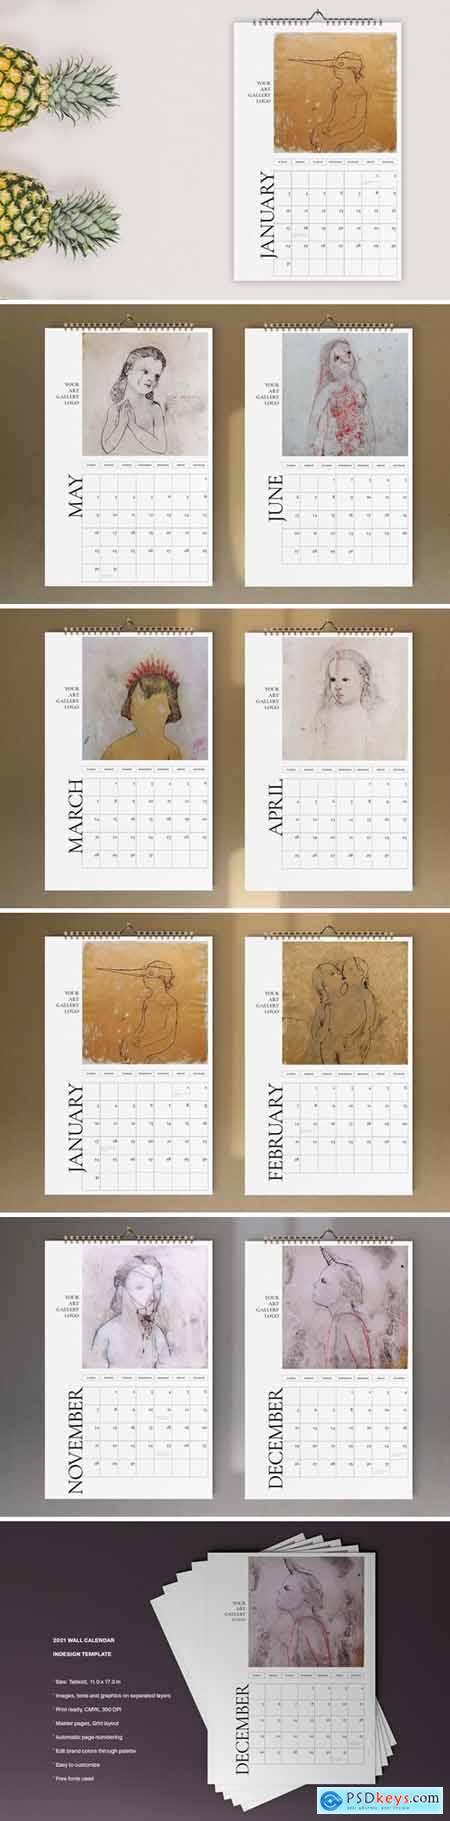 Art Calendar 2021 Template